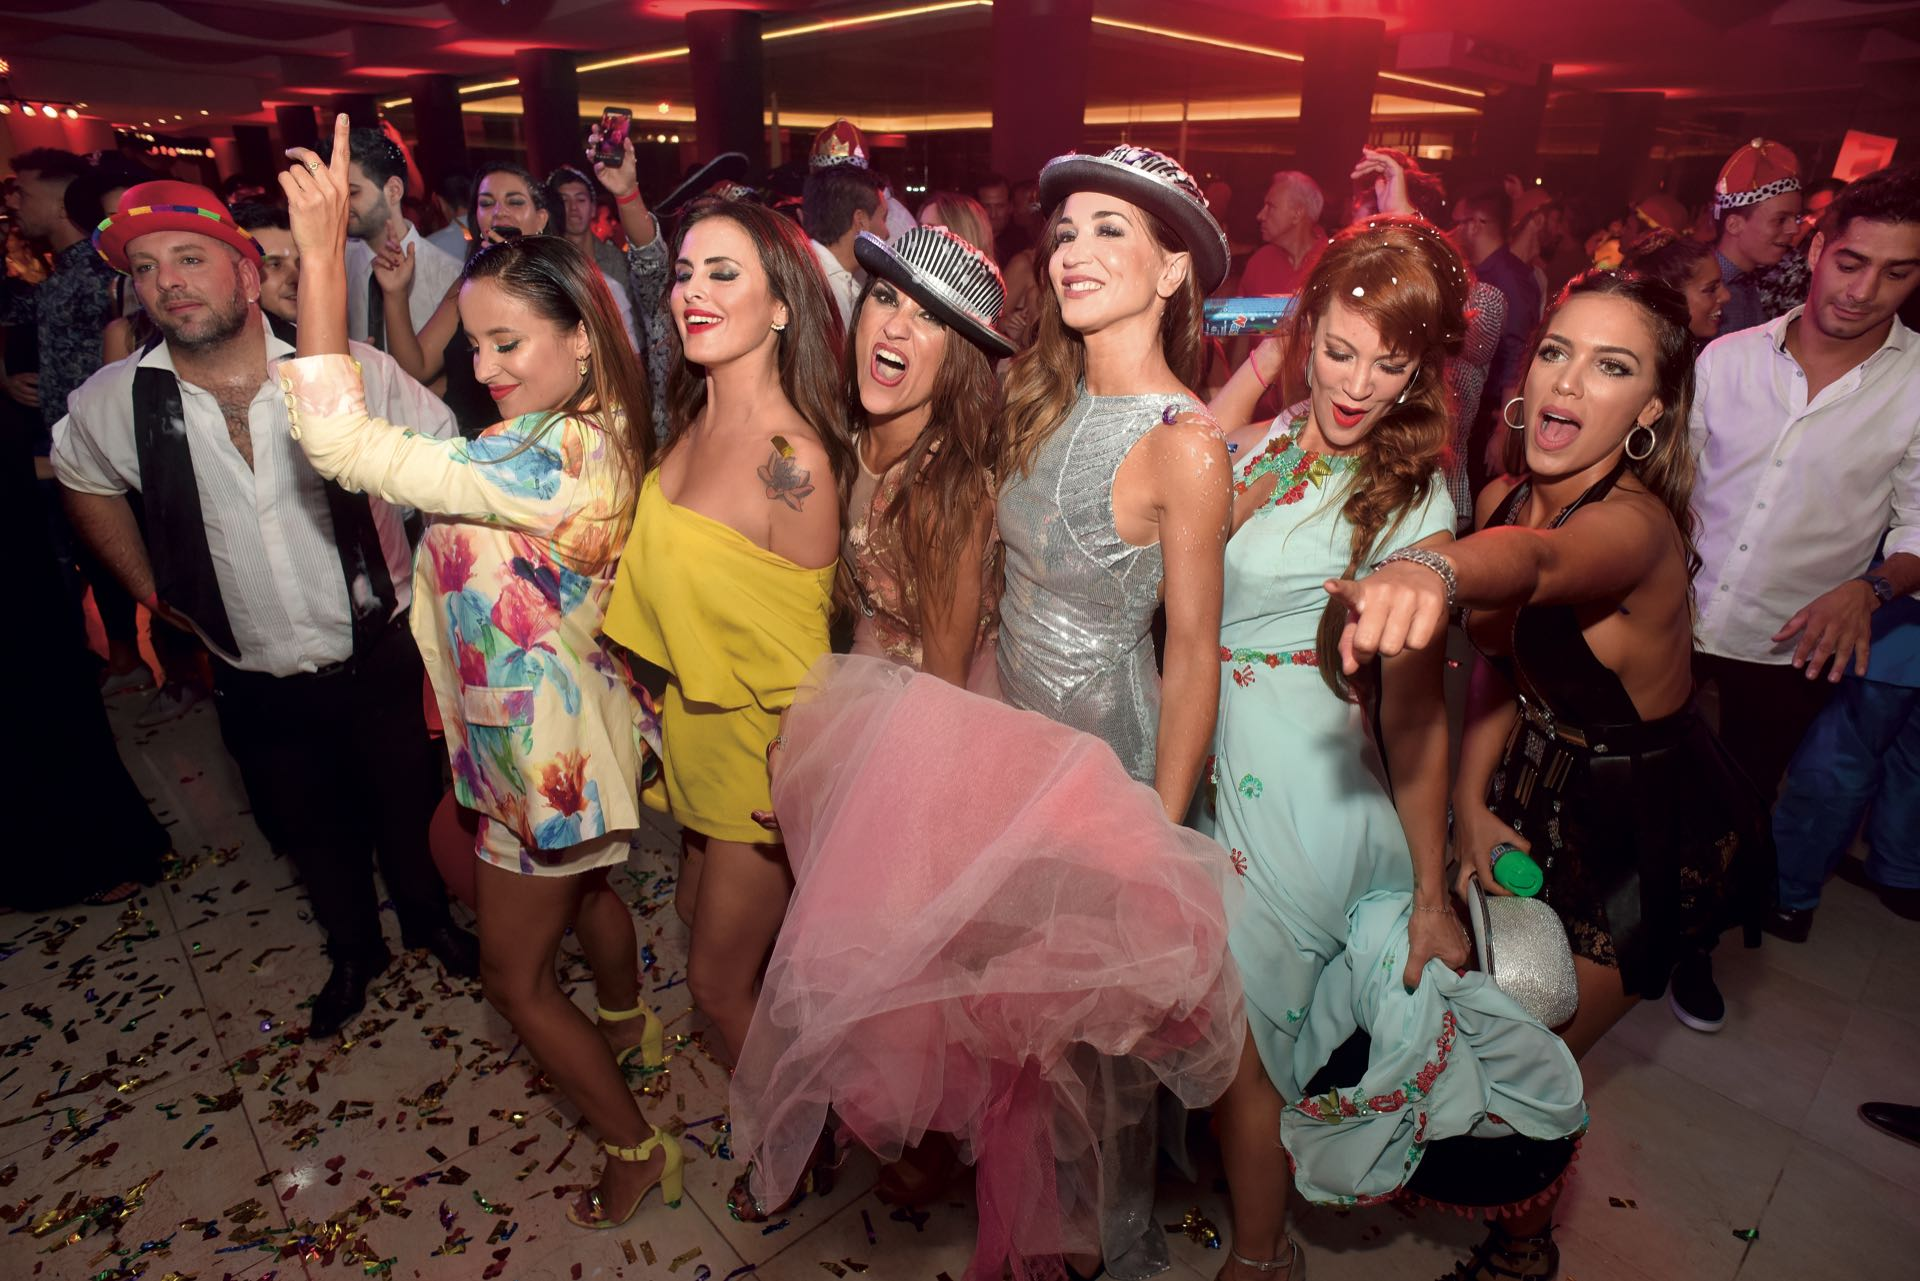 Lourdes Sánchez, Silvina Luna, Ana Belén Beas, Laura Bruni, Miriam Lanzoni y Rocío Robles bailaron juntas los hits de la banda de cumbia cordobesa Playmóvil.(Foto GENTE)